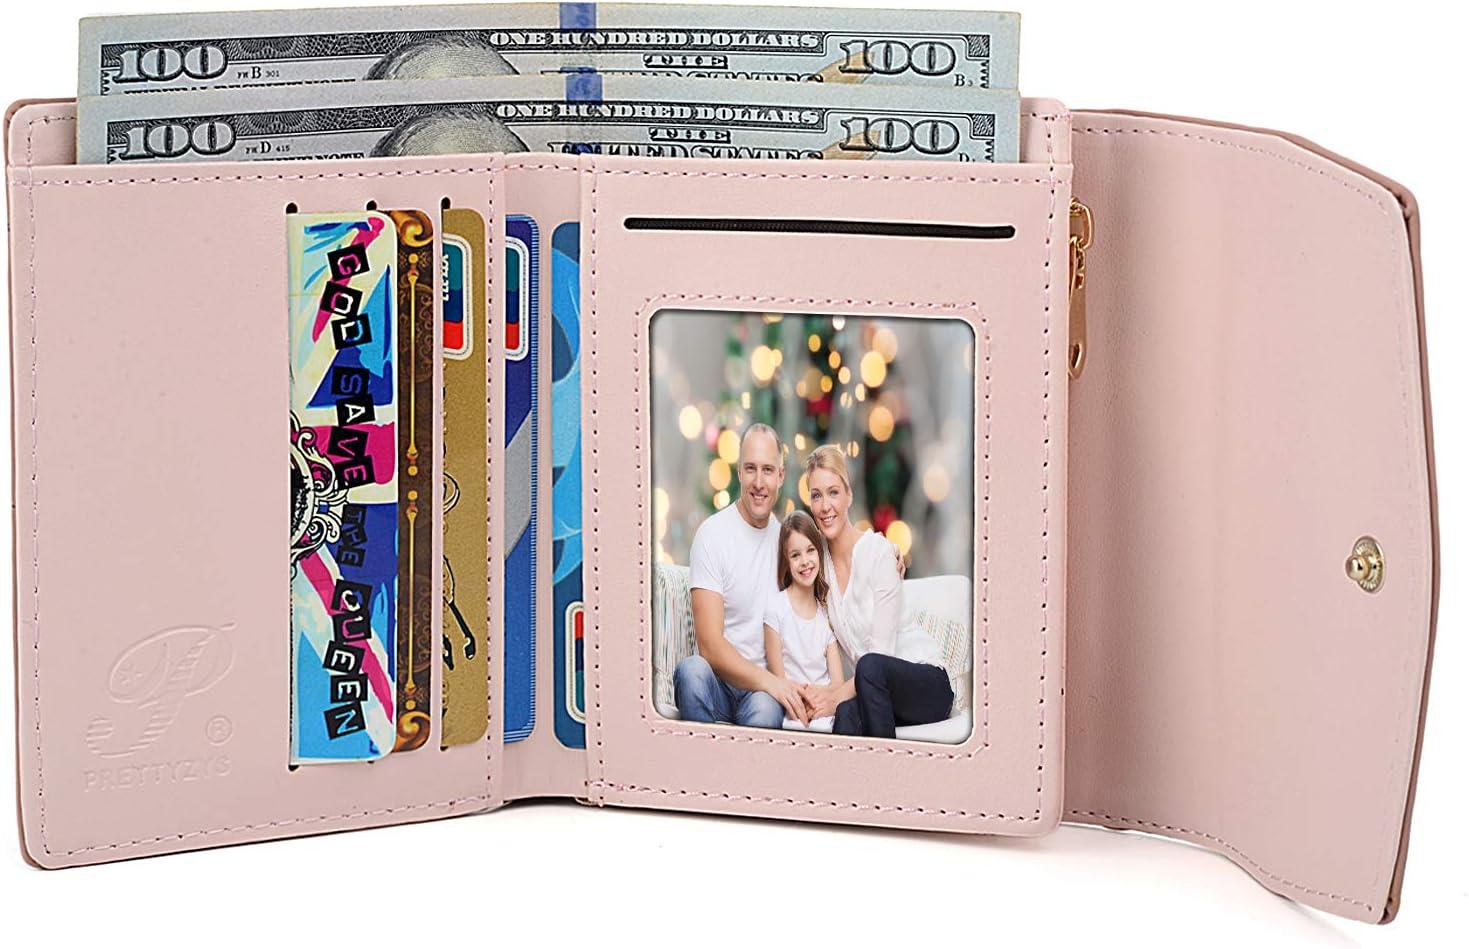 documentos de viaje USA001 Fundas para pasaporte de 5Five rosa sobres suministros